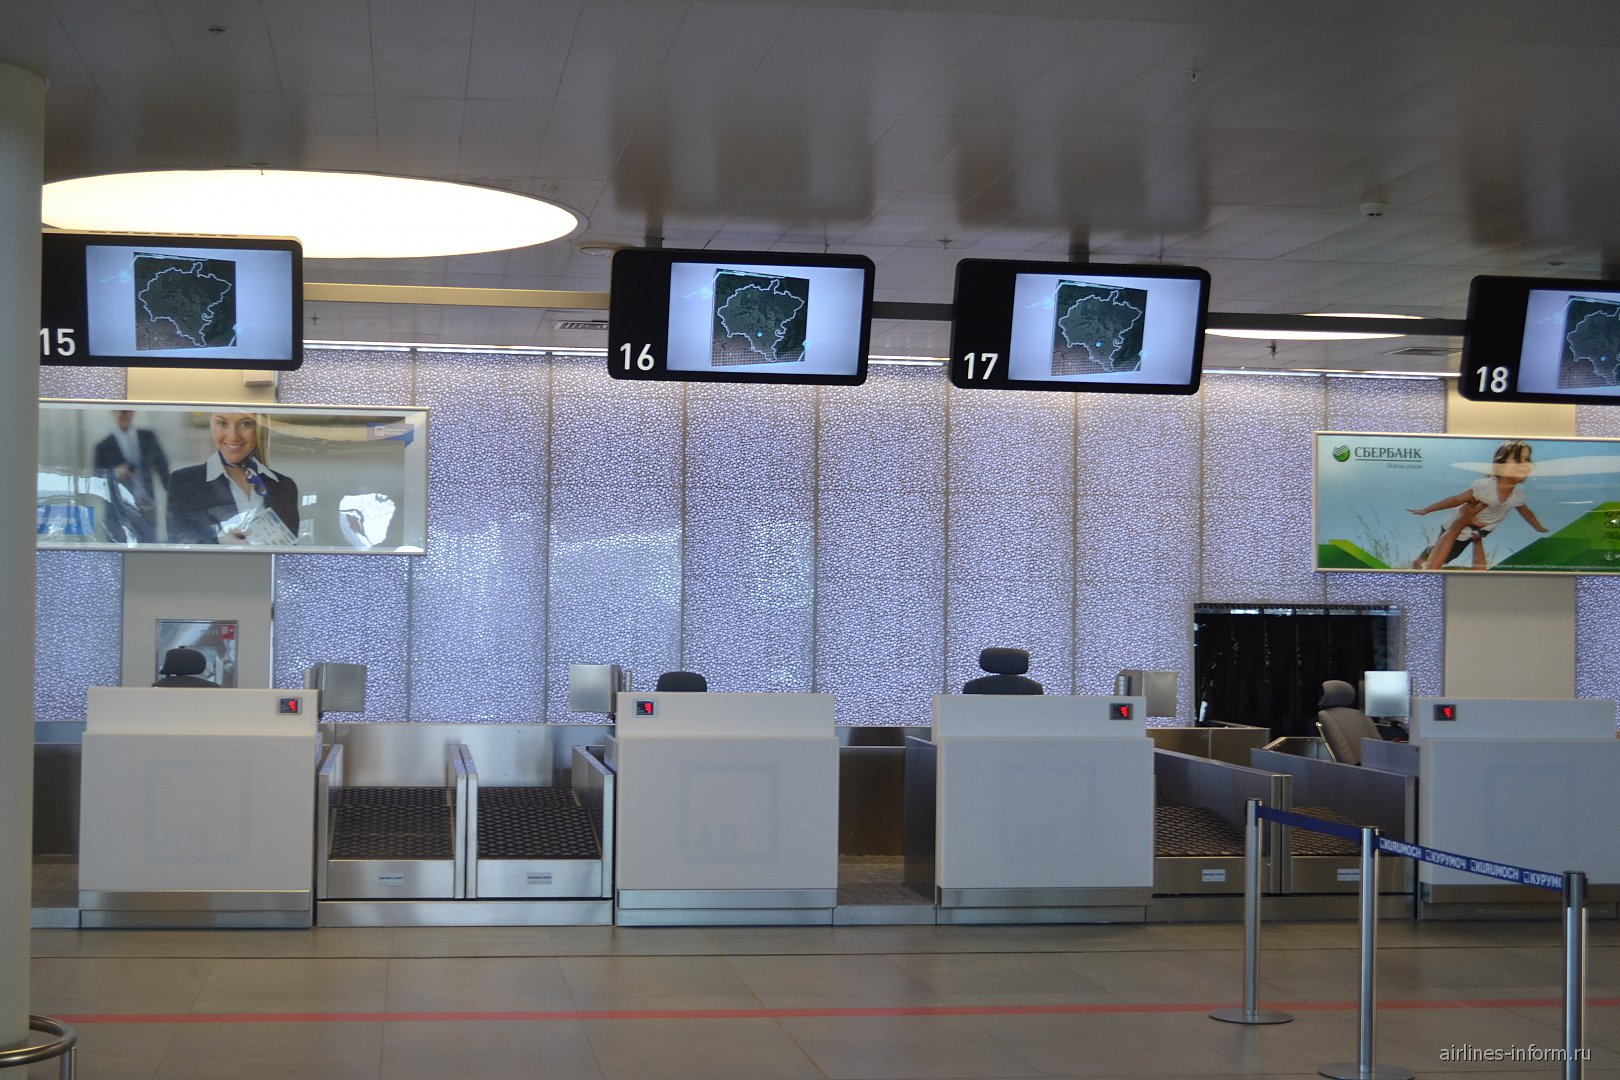 Стойки регистрации в Терминале 1 аэропорта Самара Курумоч